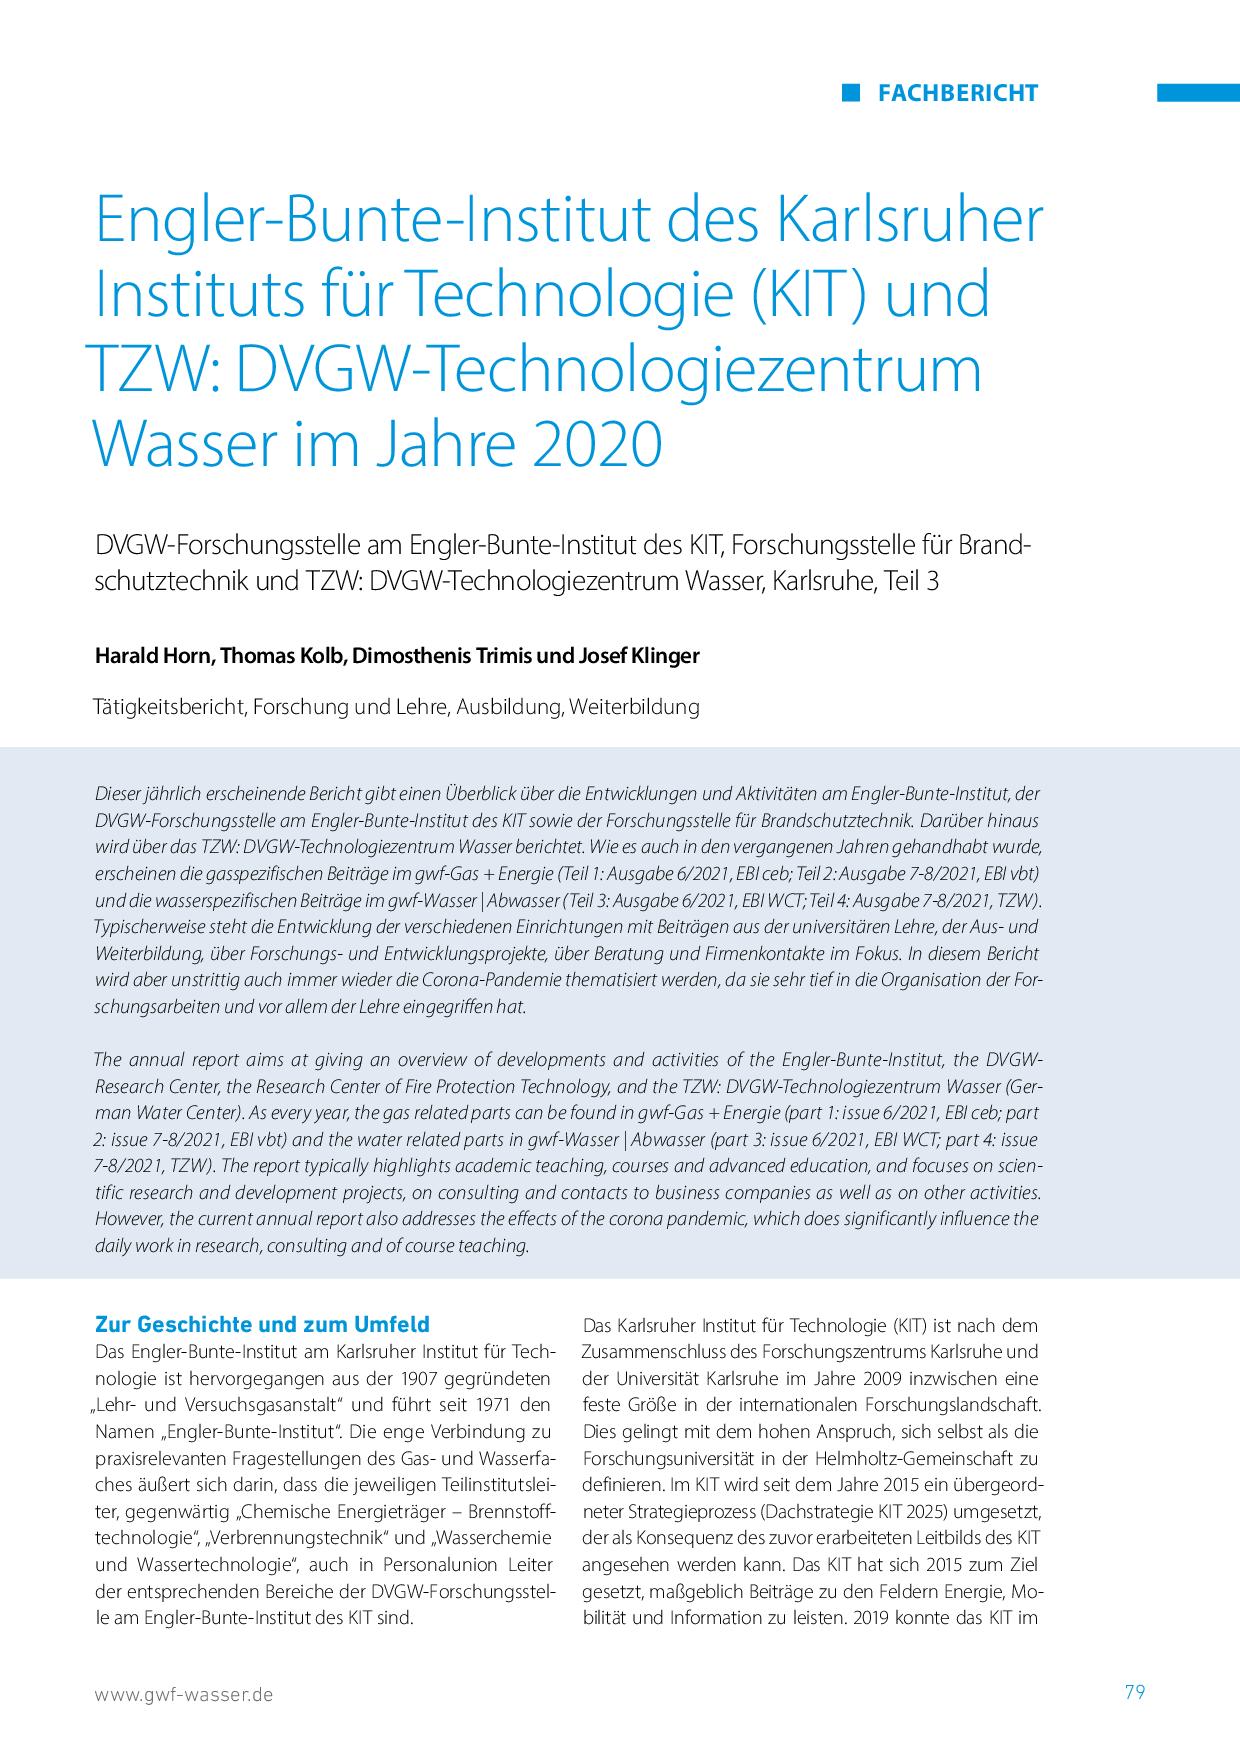 Engler-Bunte-Institut des Karlsruher Instituts für Technologie (KIT) und TZW: DVGW-Technologiezentrum Wasser im Jahre 2020